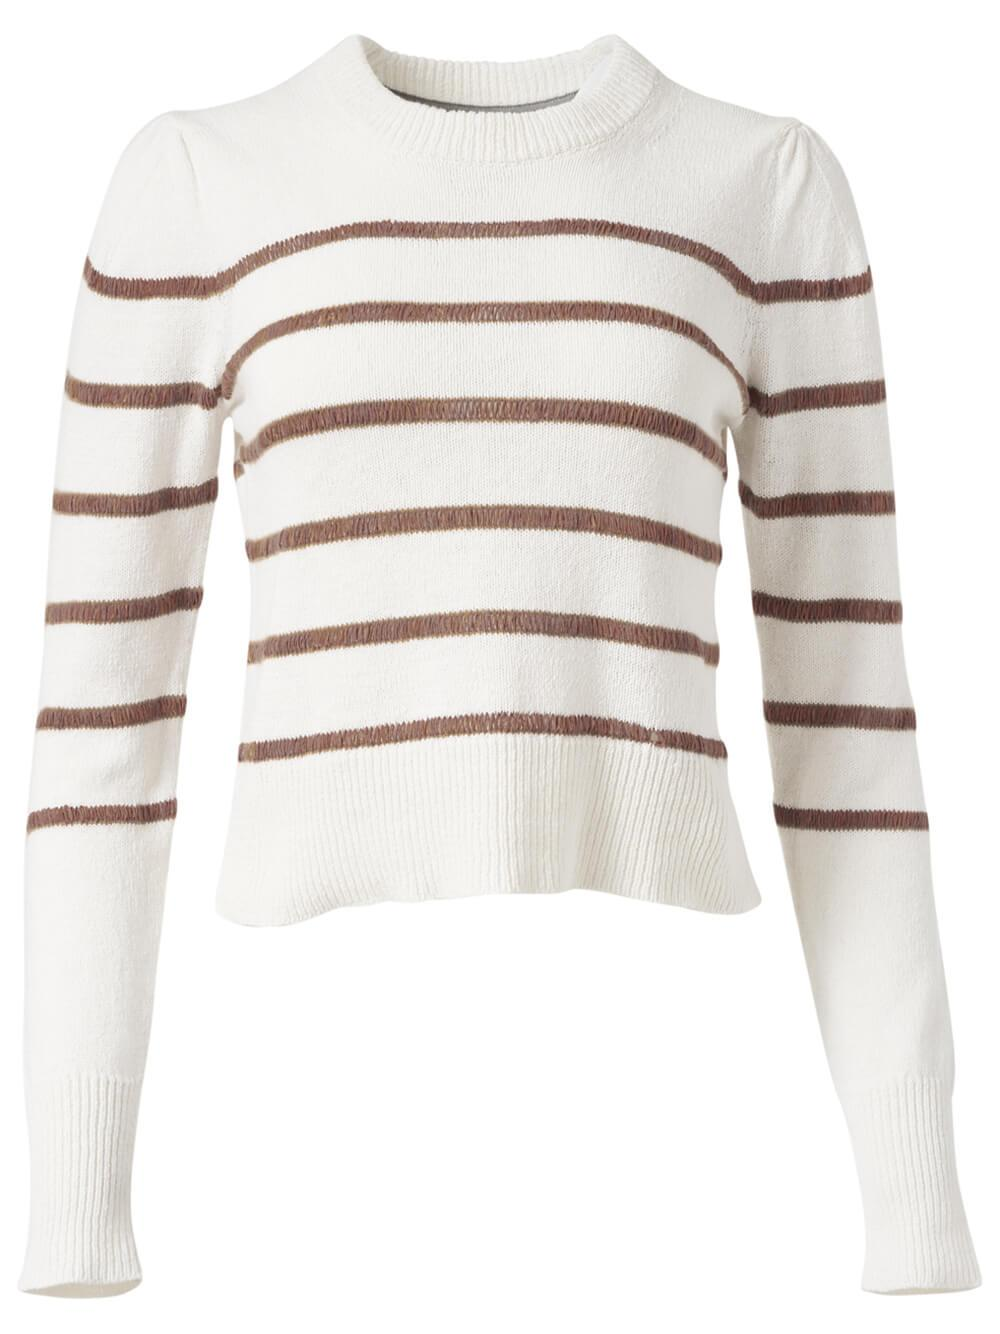 Daanon Shrunken Sweater Item # FMB3599